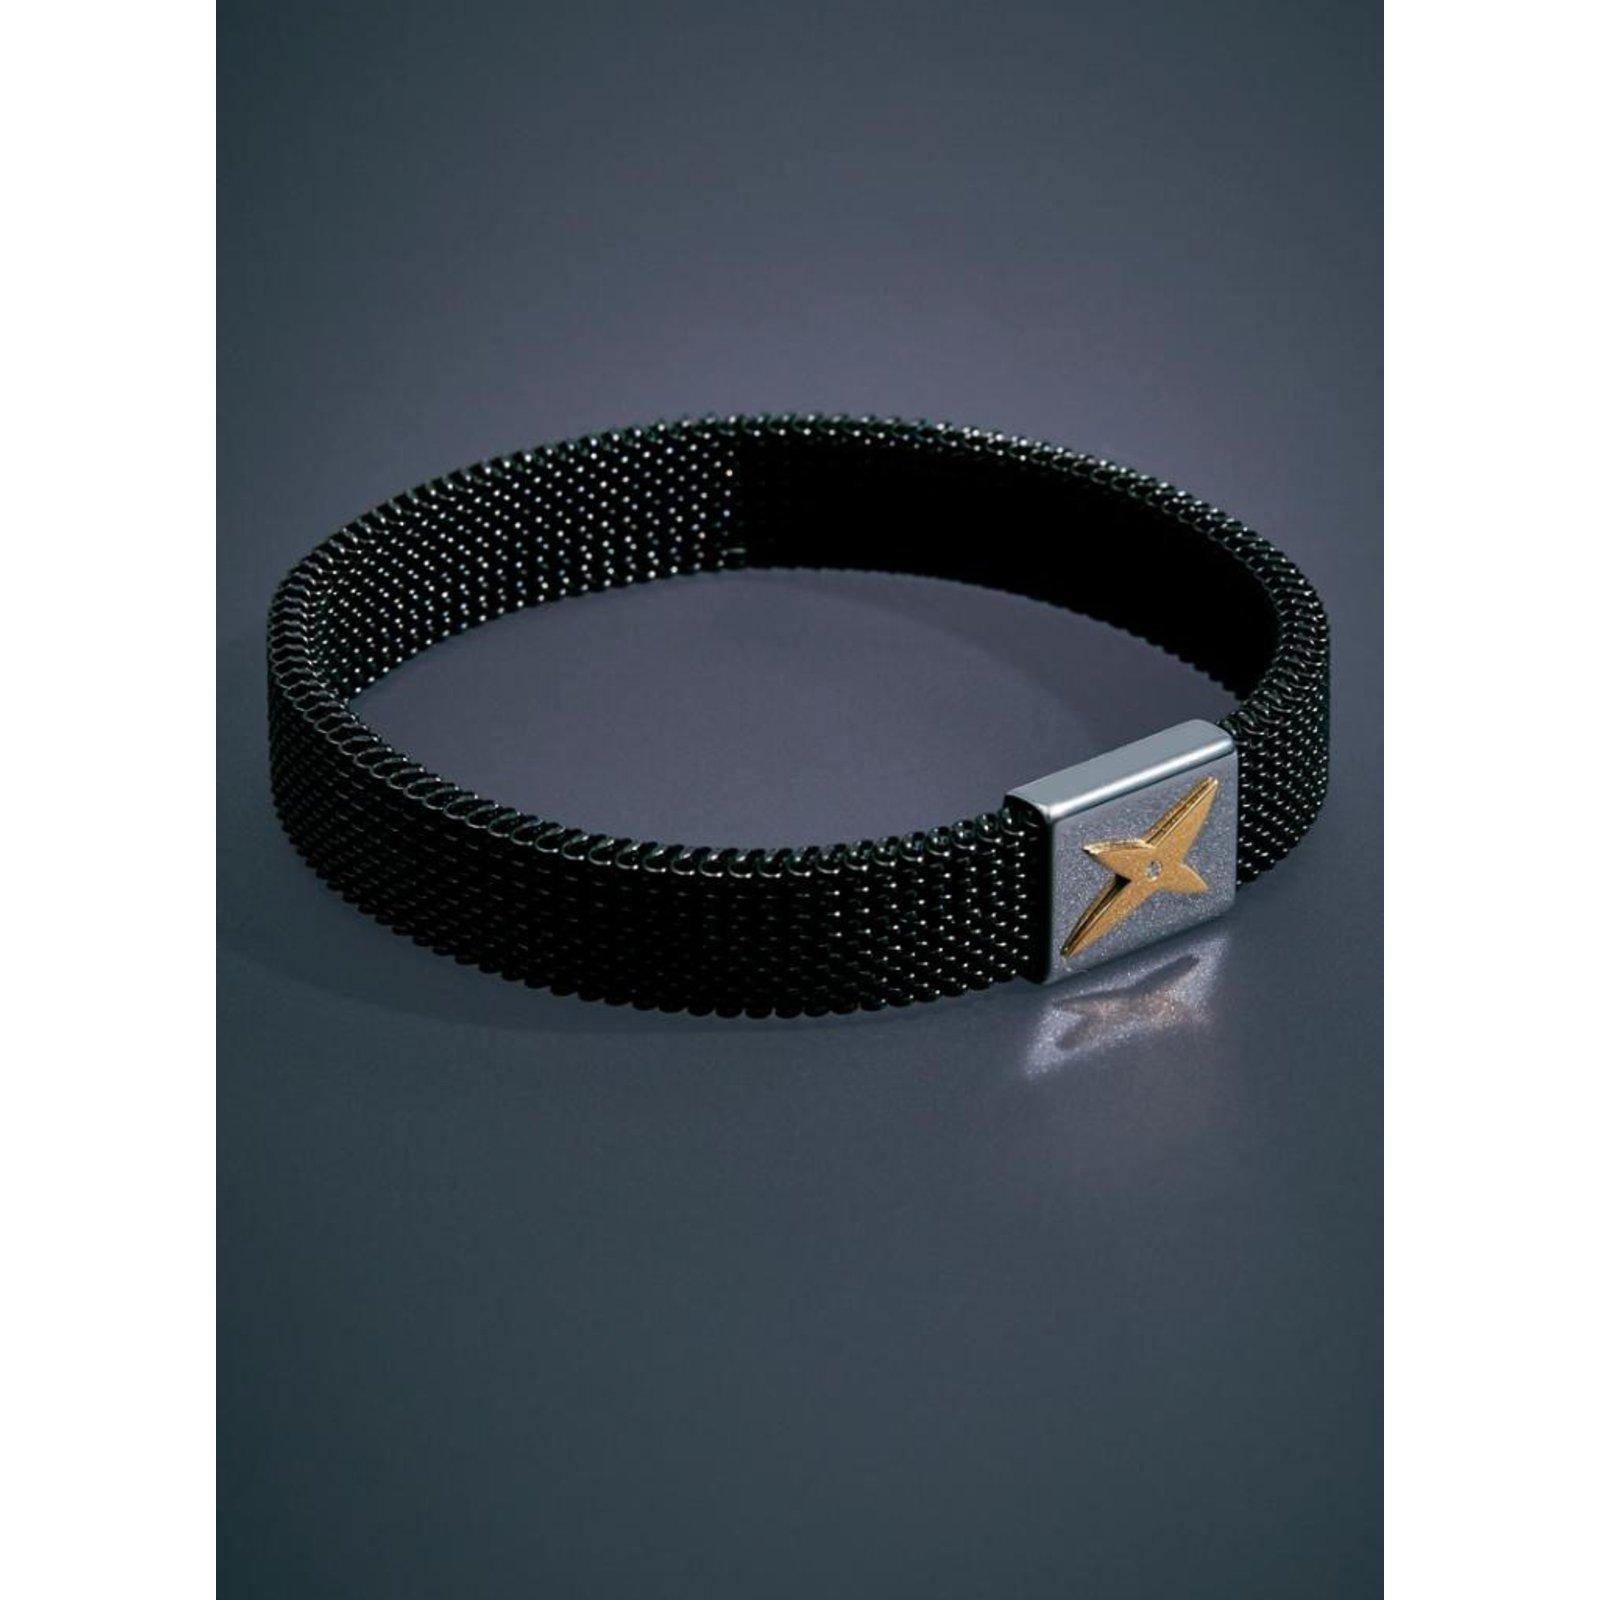 Noir Maboussin Bracelet J'te Homme Kiff 1FcTlKJ3